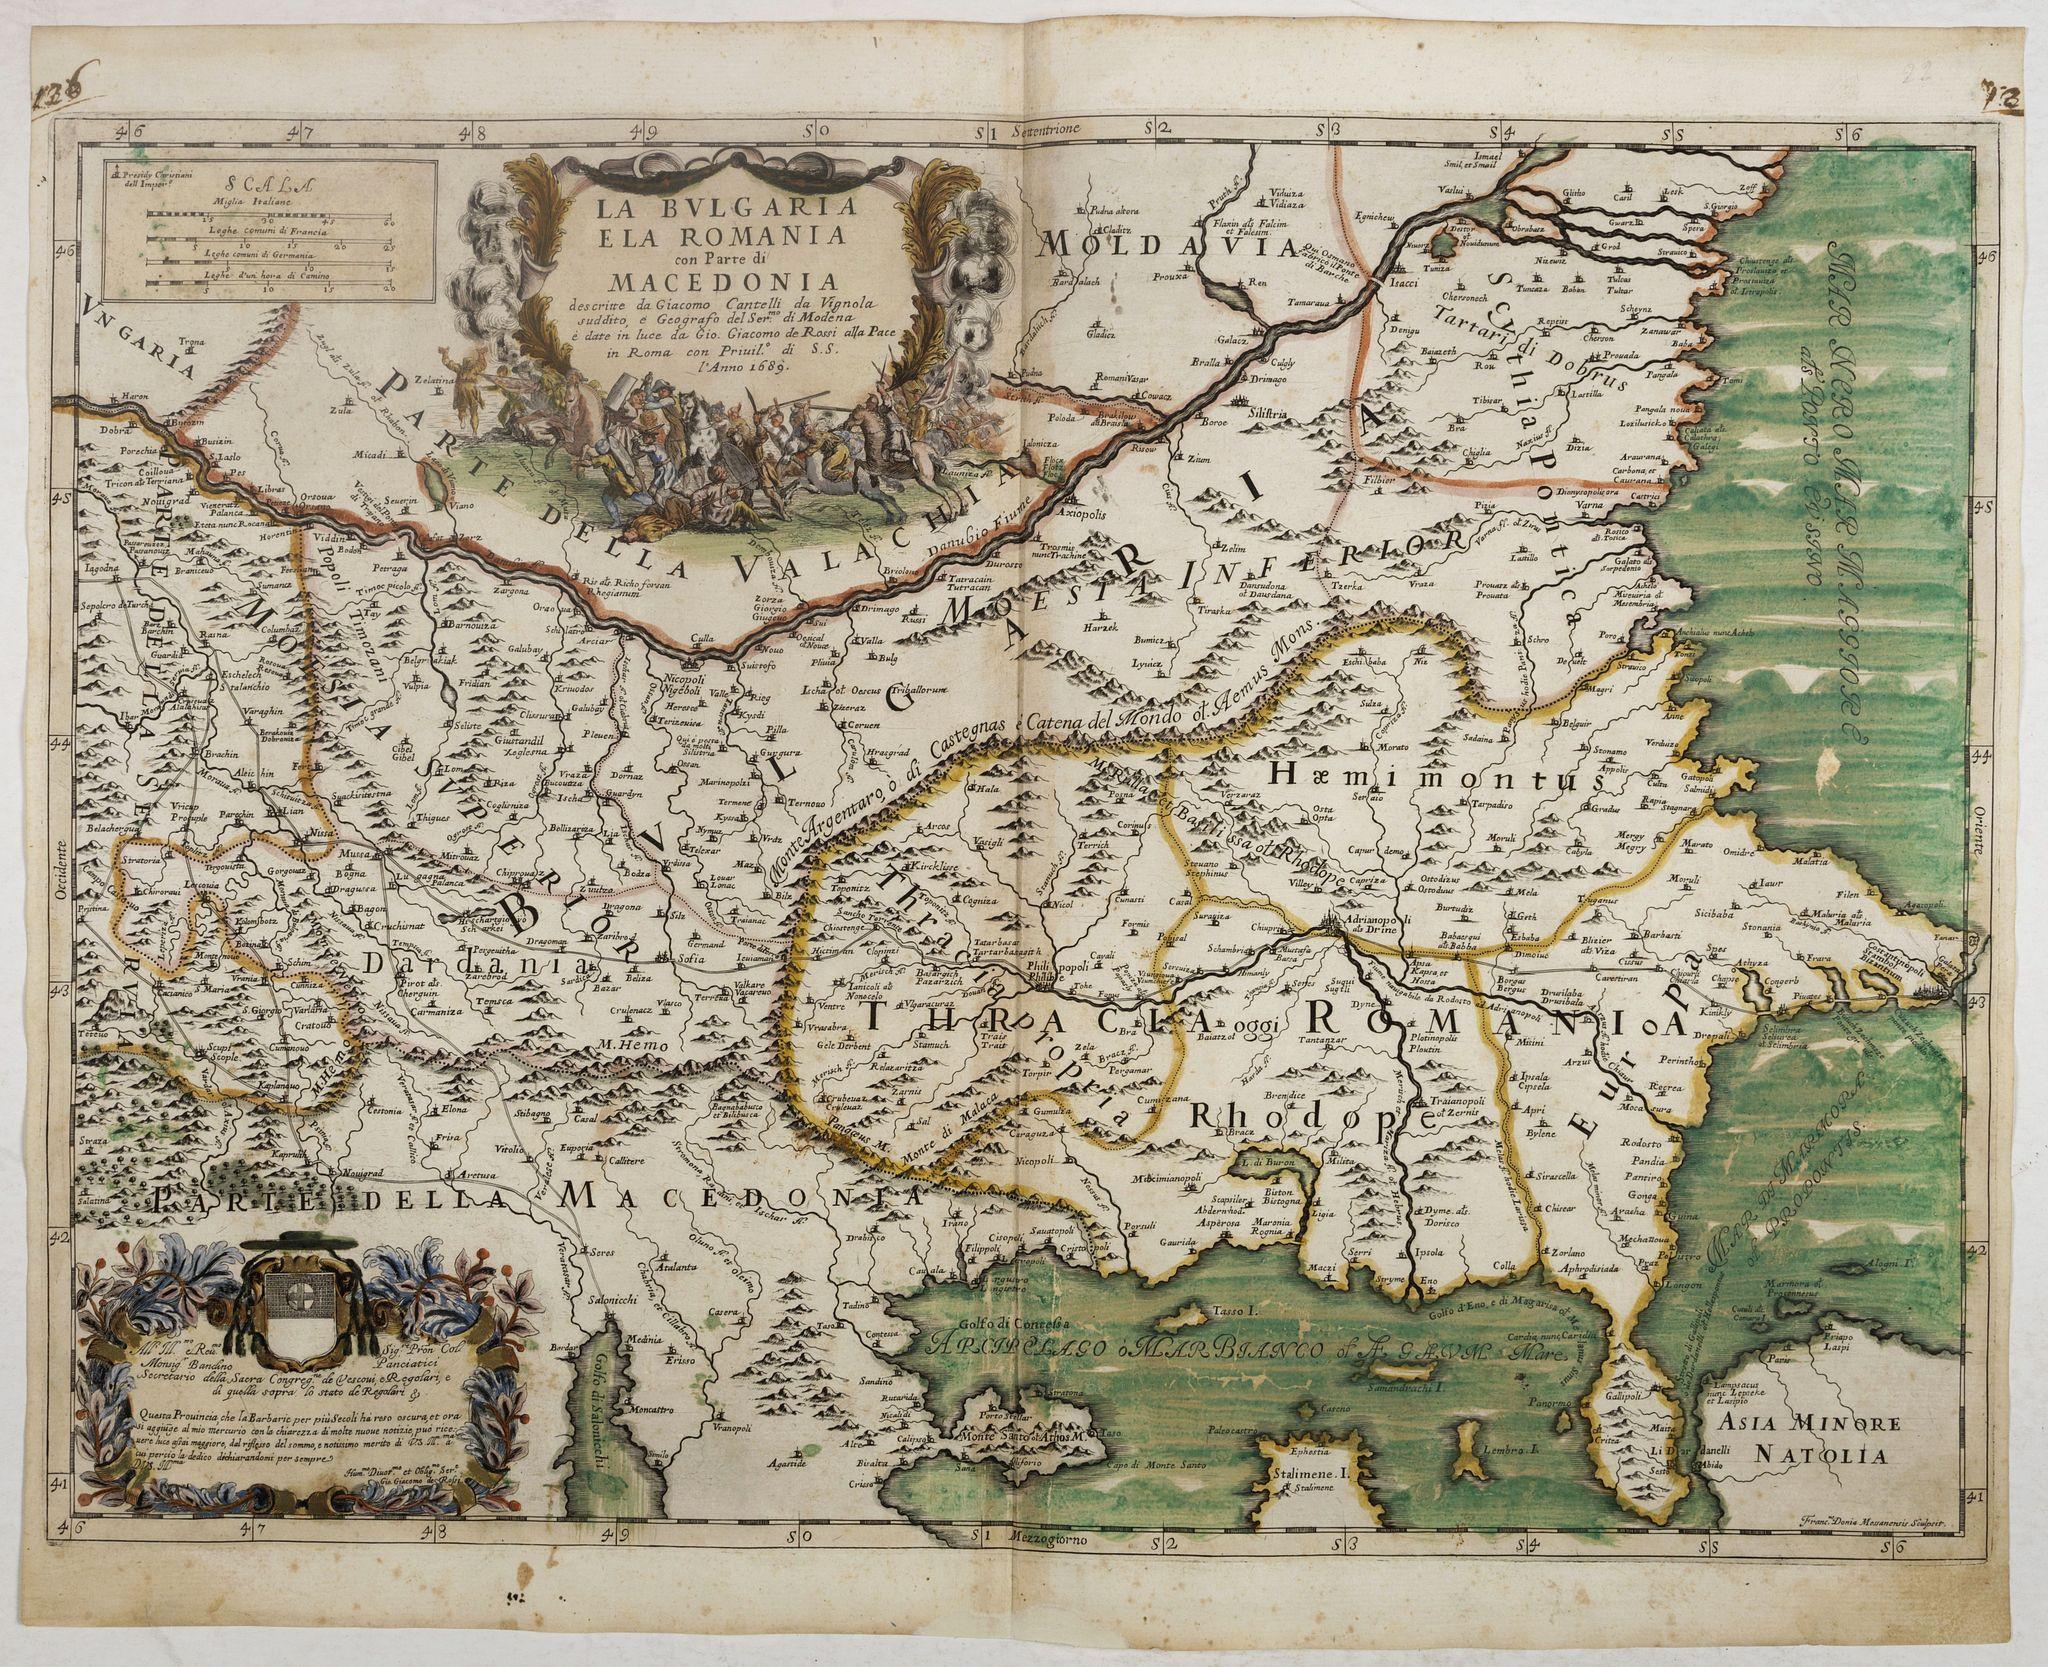 ROSSI, G.G. -  La Bulgaria ela Romania con Parte di Marcedonia. . .